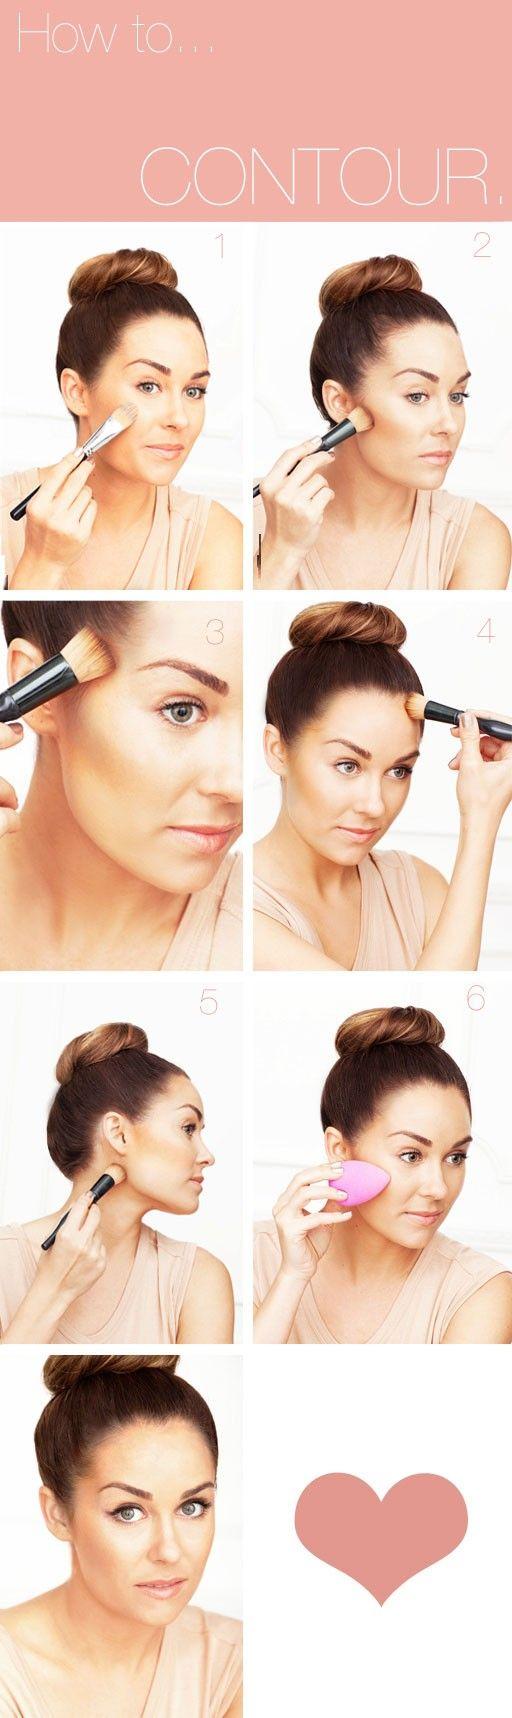 Lauren Conrad's contouring tutorial.